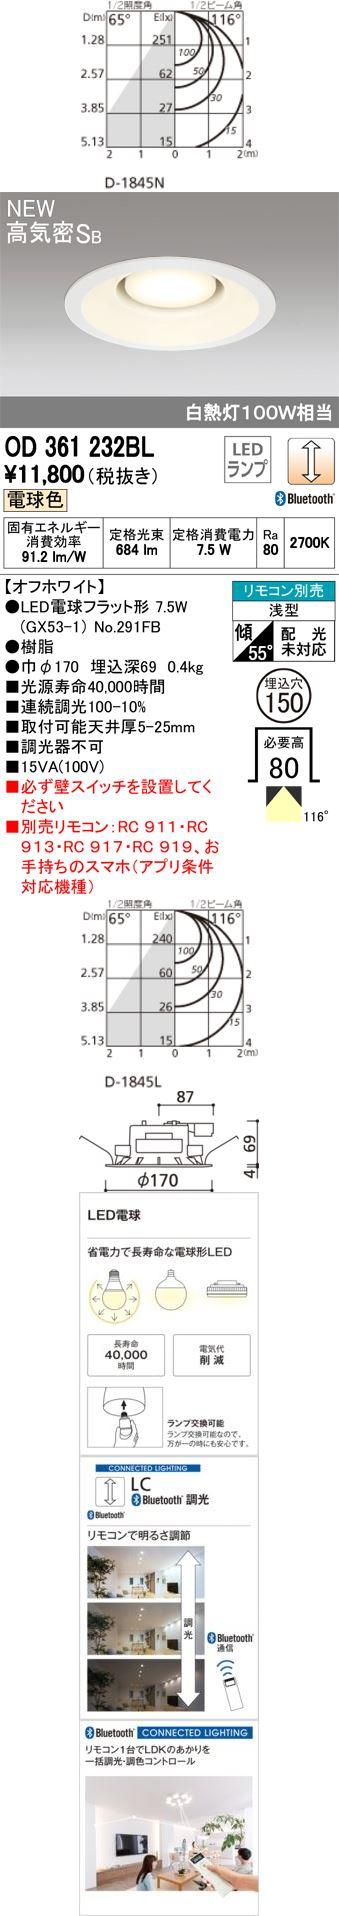 オーデリック 連続調光ダウンライト 150φ 白熱灯100W相当 OD361232BN S他